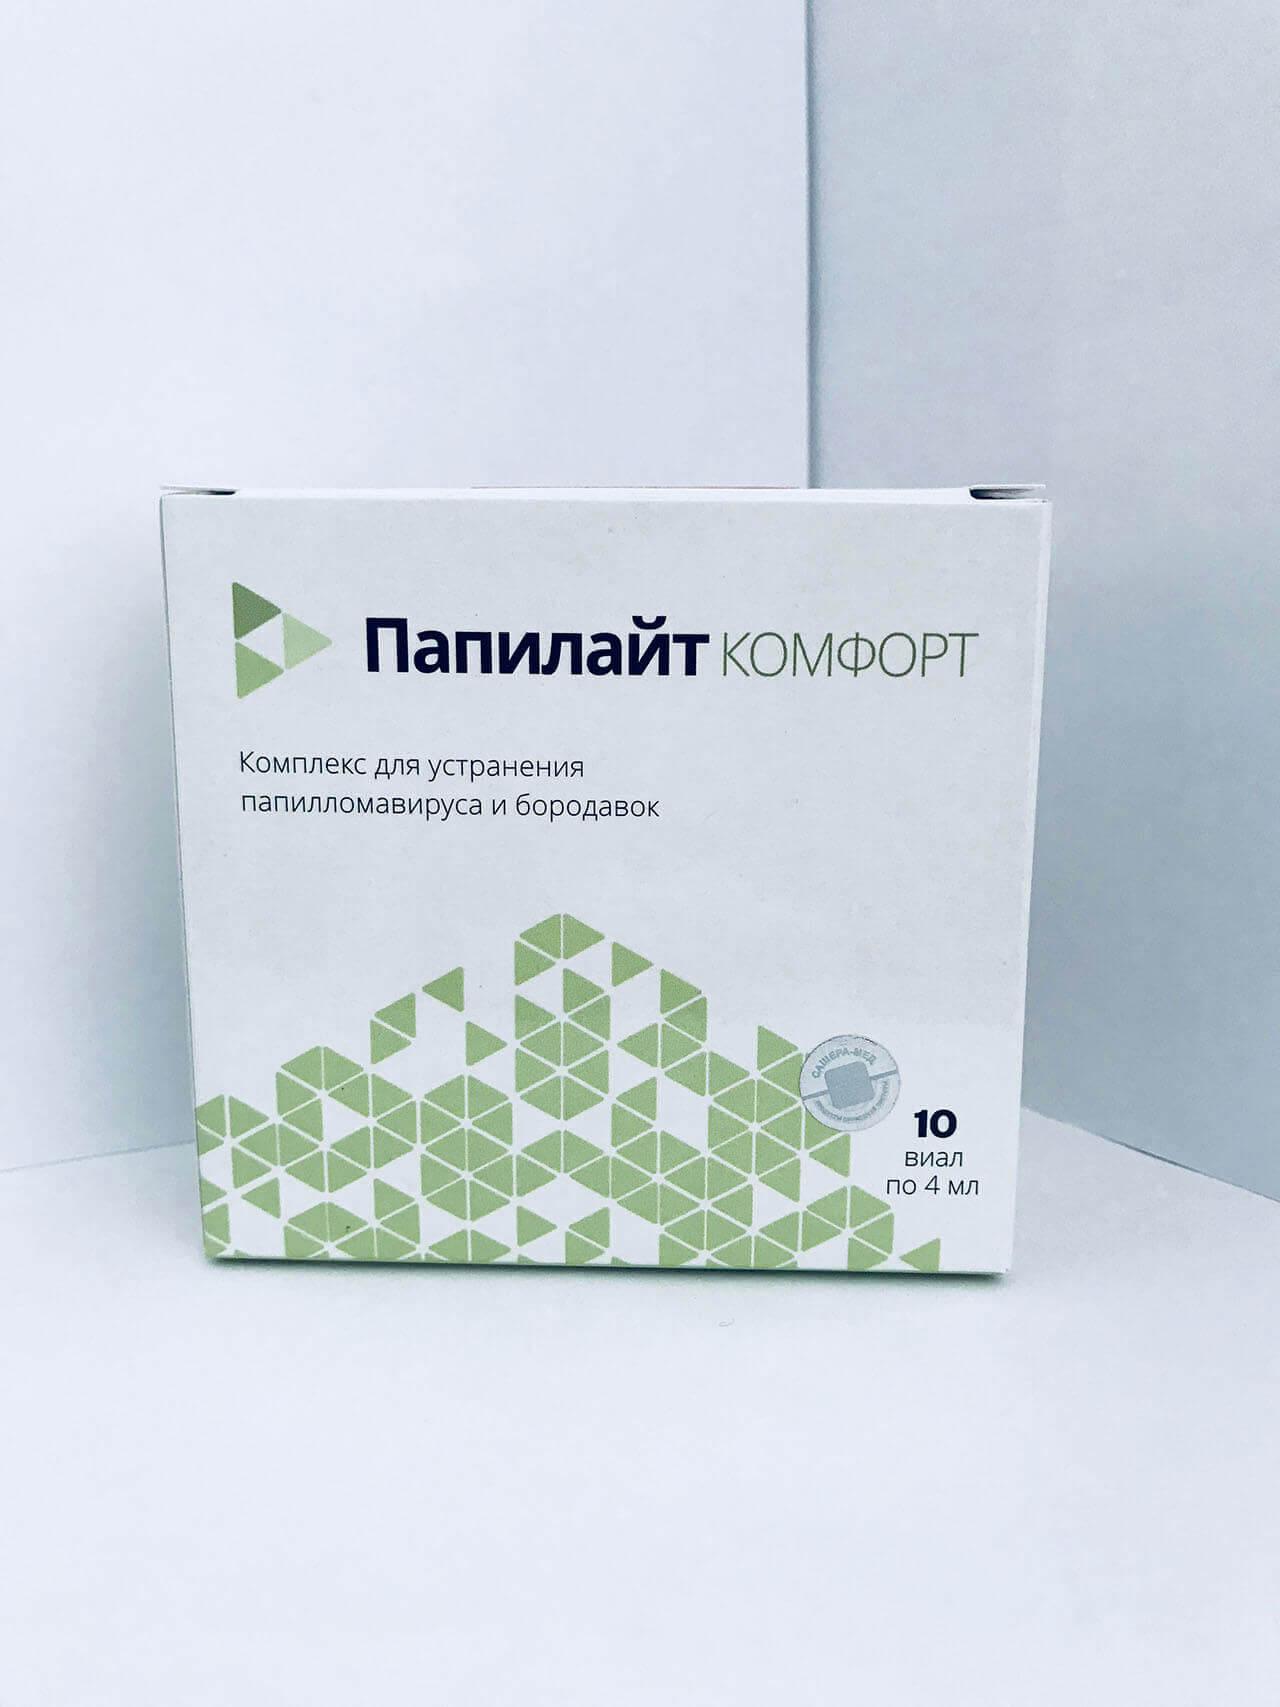 Купить Папилайт Комфорт от папиллом и бородавок в Чертково